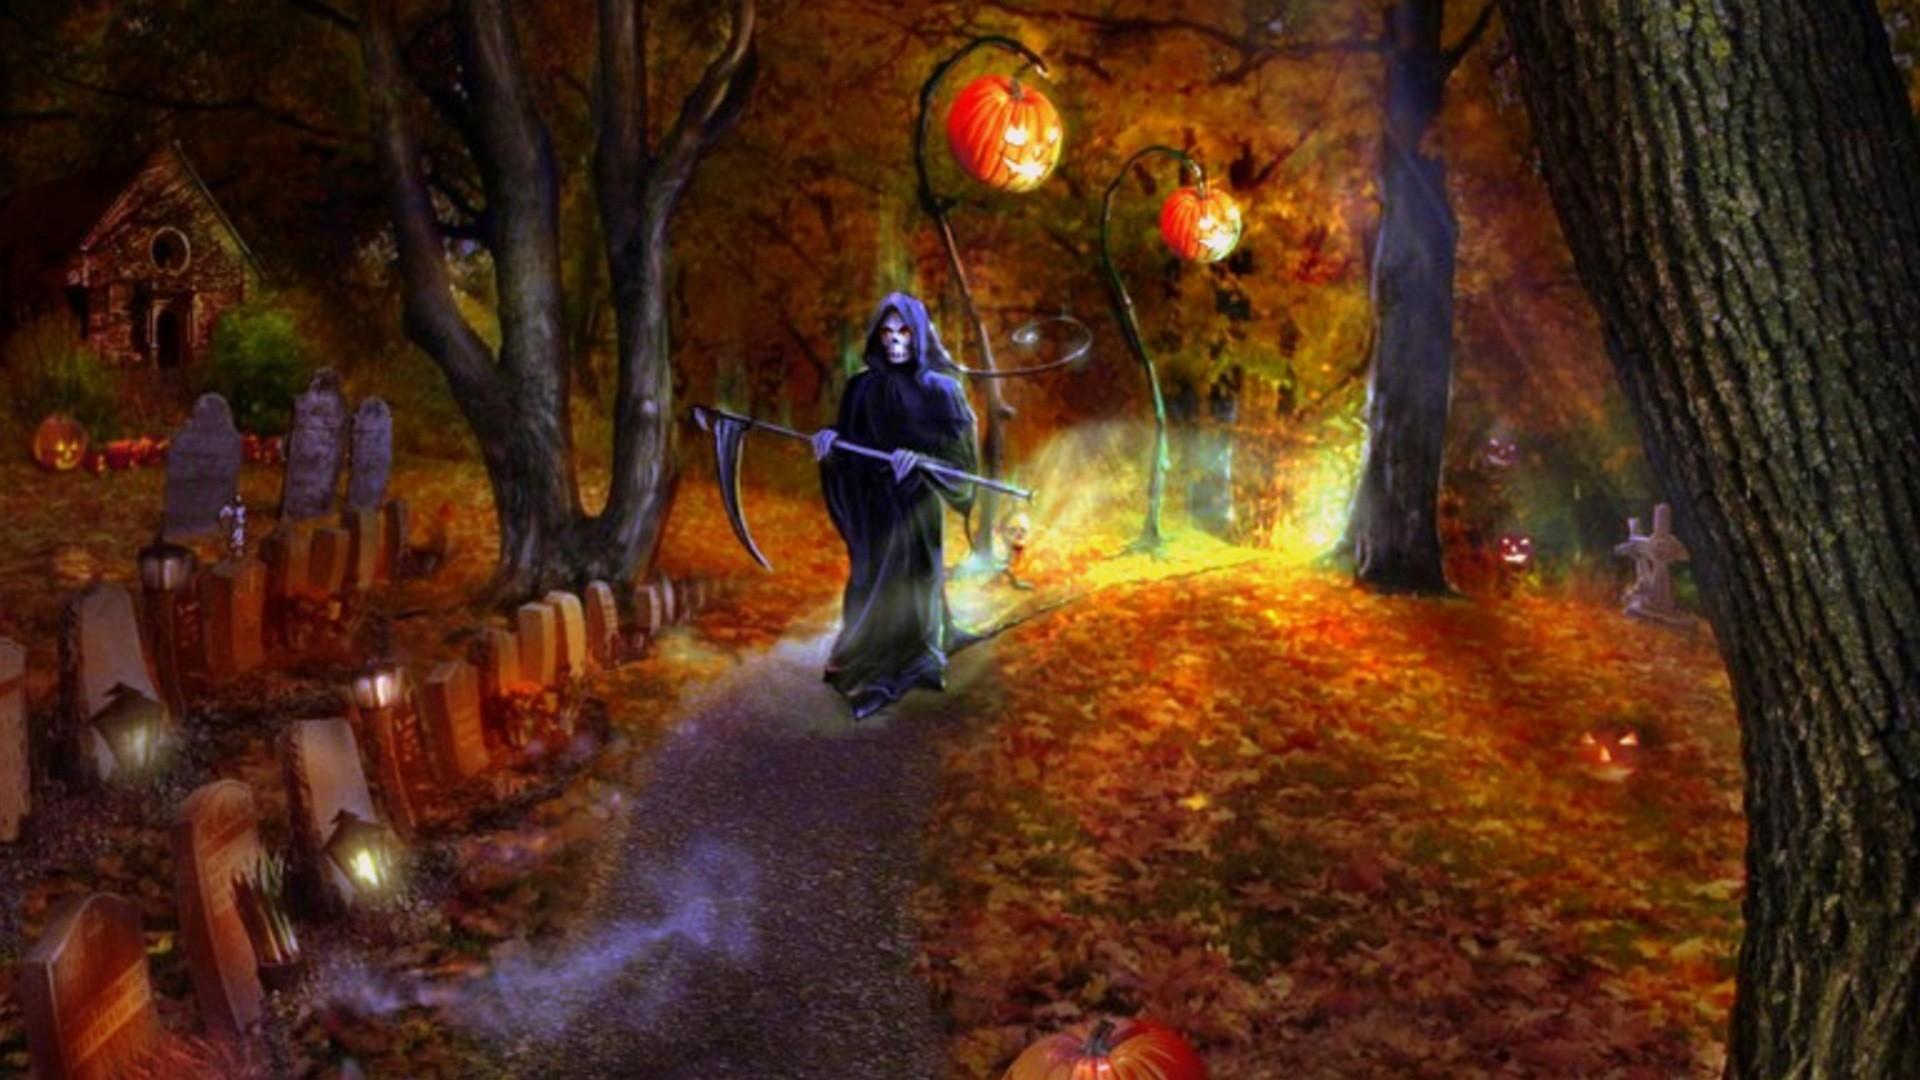 yahoo halloween wallpaper   Halloween Wallpapers 71, Free Wallpapers, Free  Desktop Wallpapers, HD